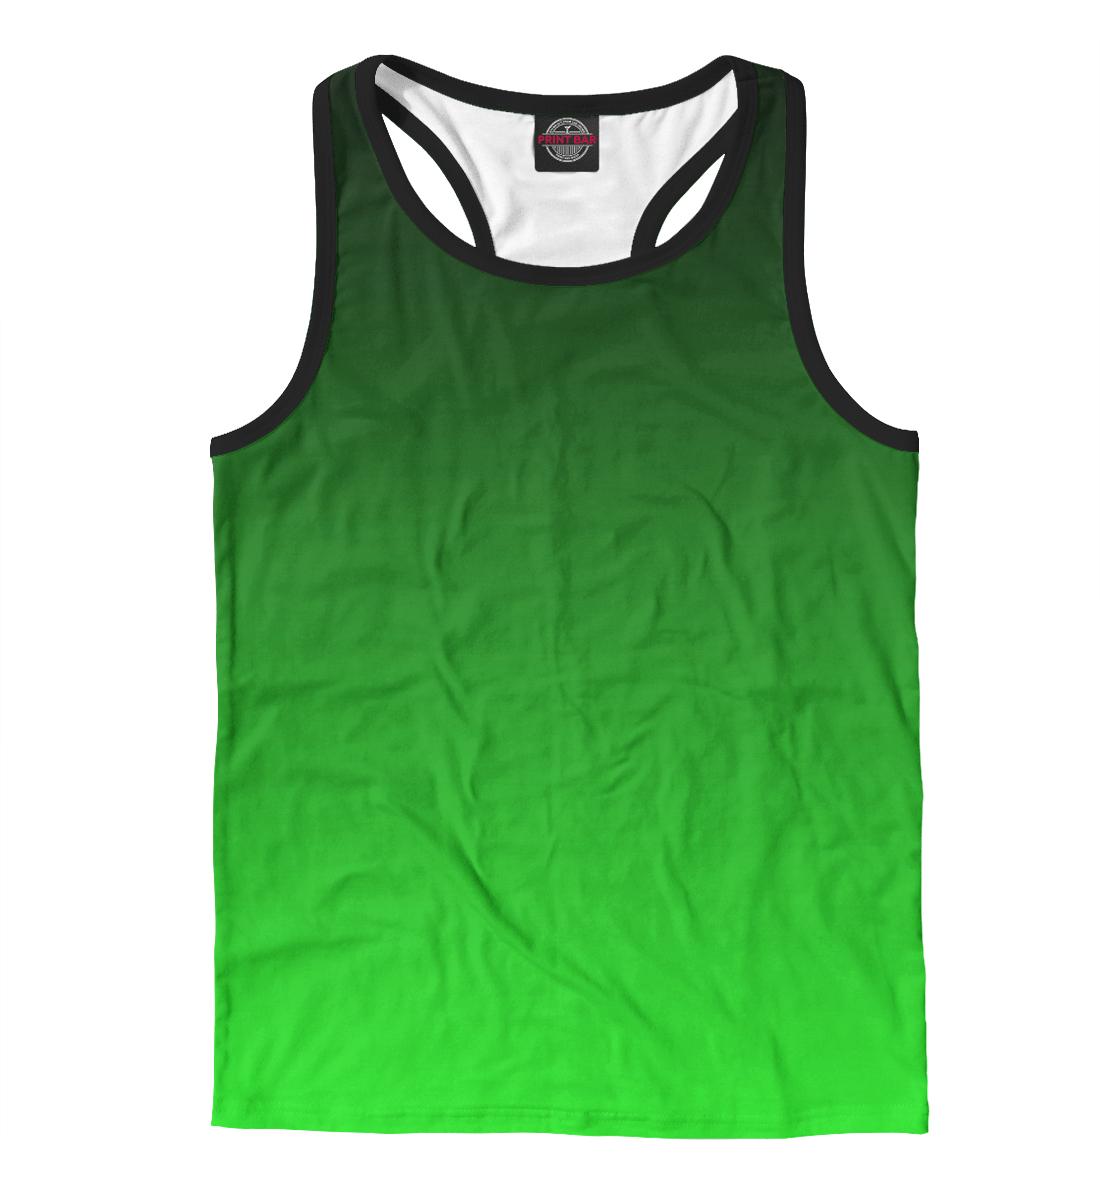 Купить Градиент Зеленый в Черный, Printbar, Майки борцовки, CLR-327769-mayb-2